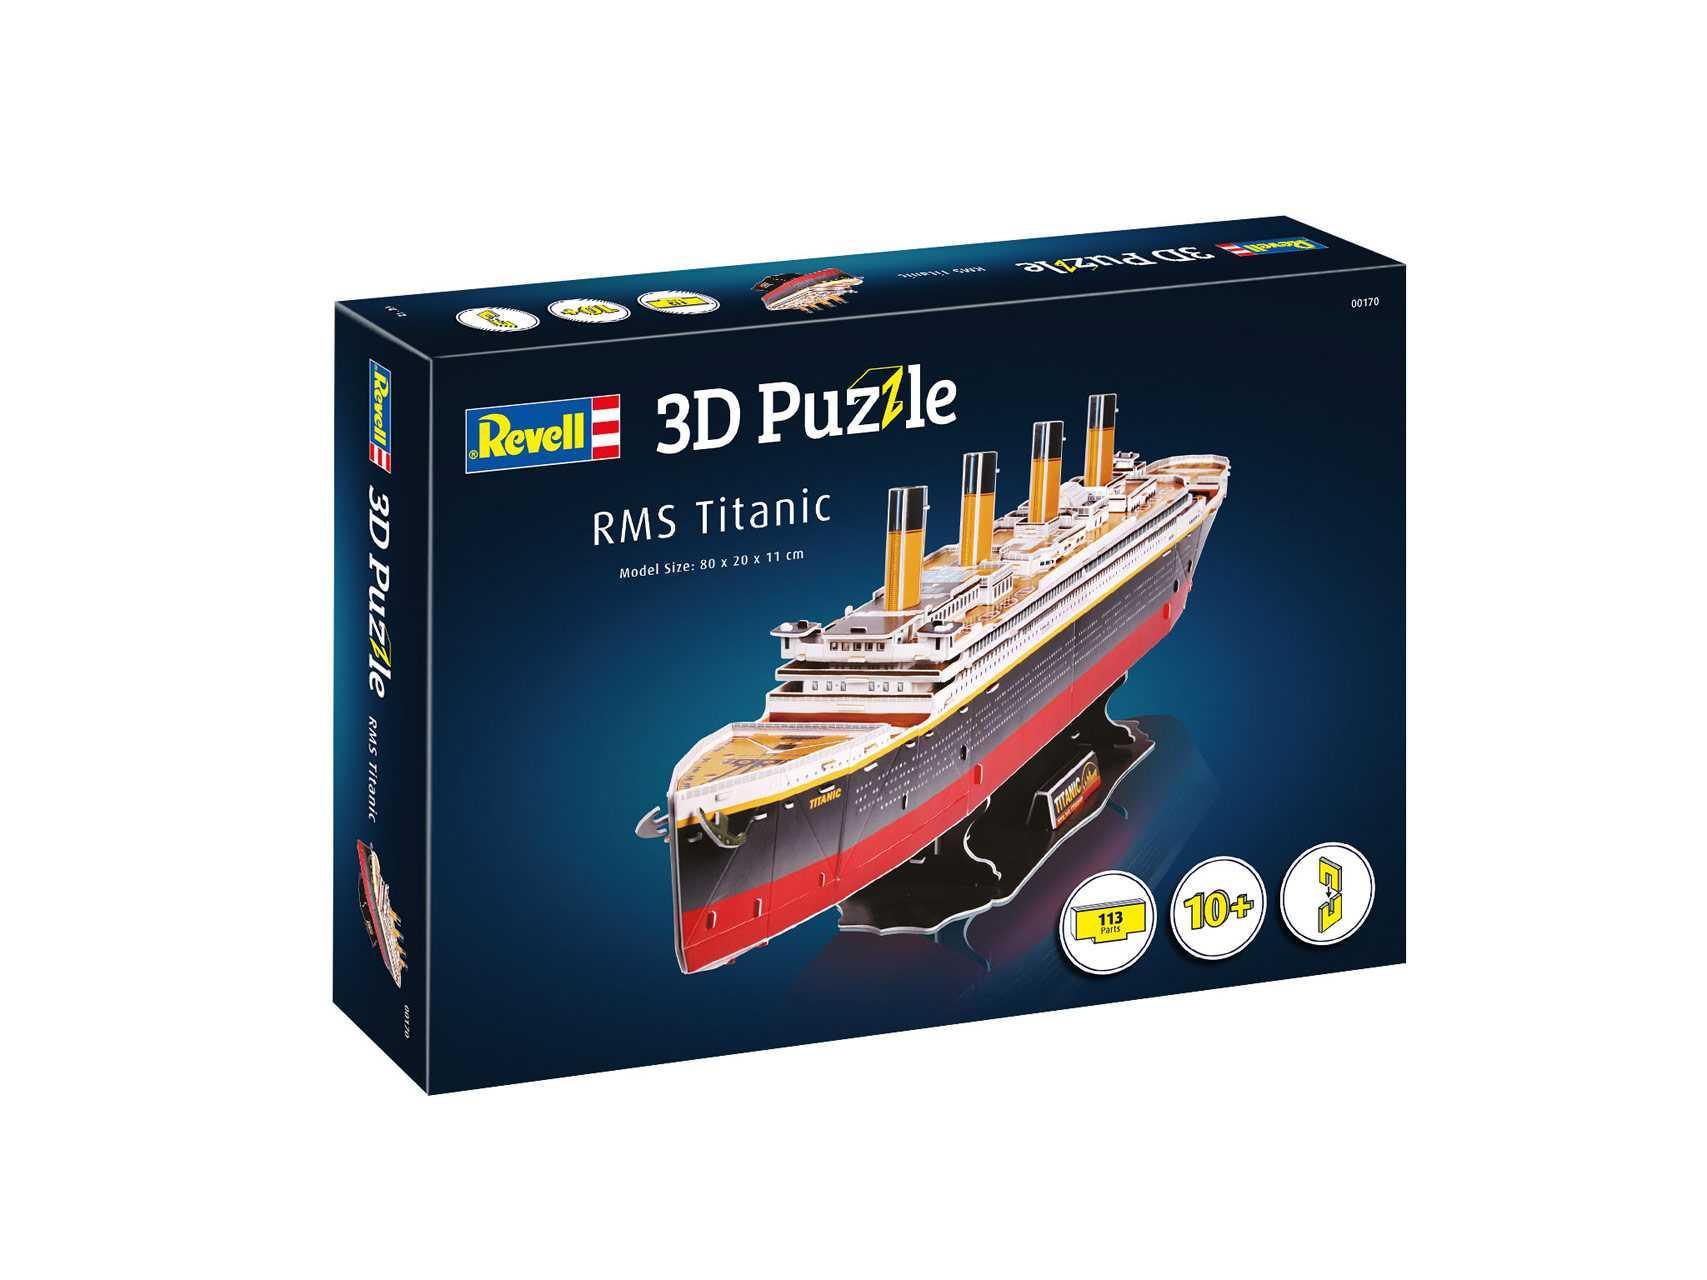 3D Puzzle Revell – Titanic